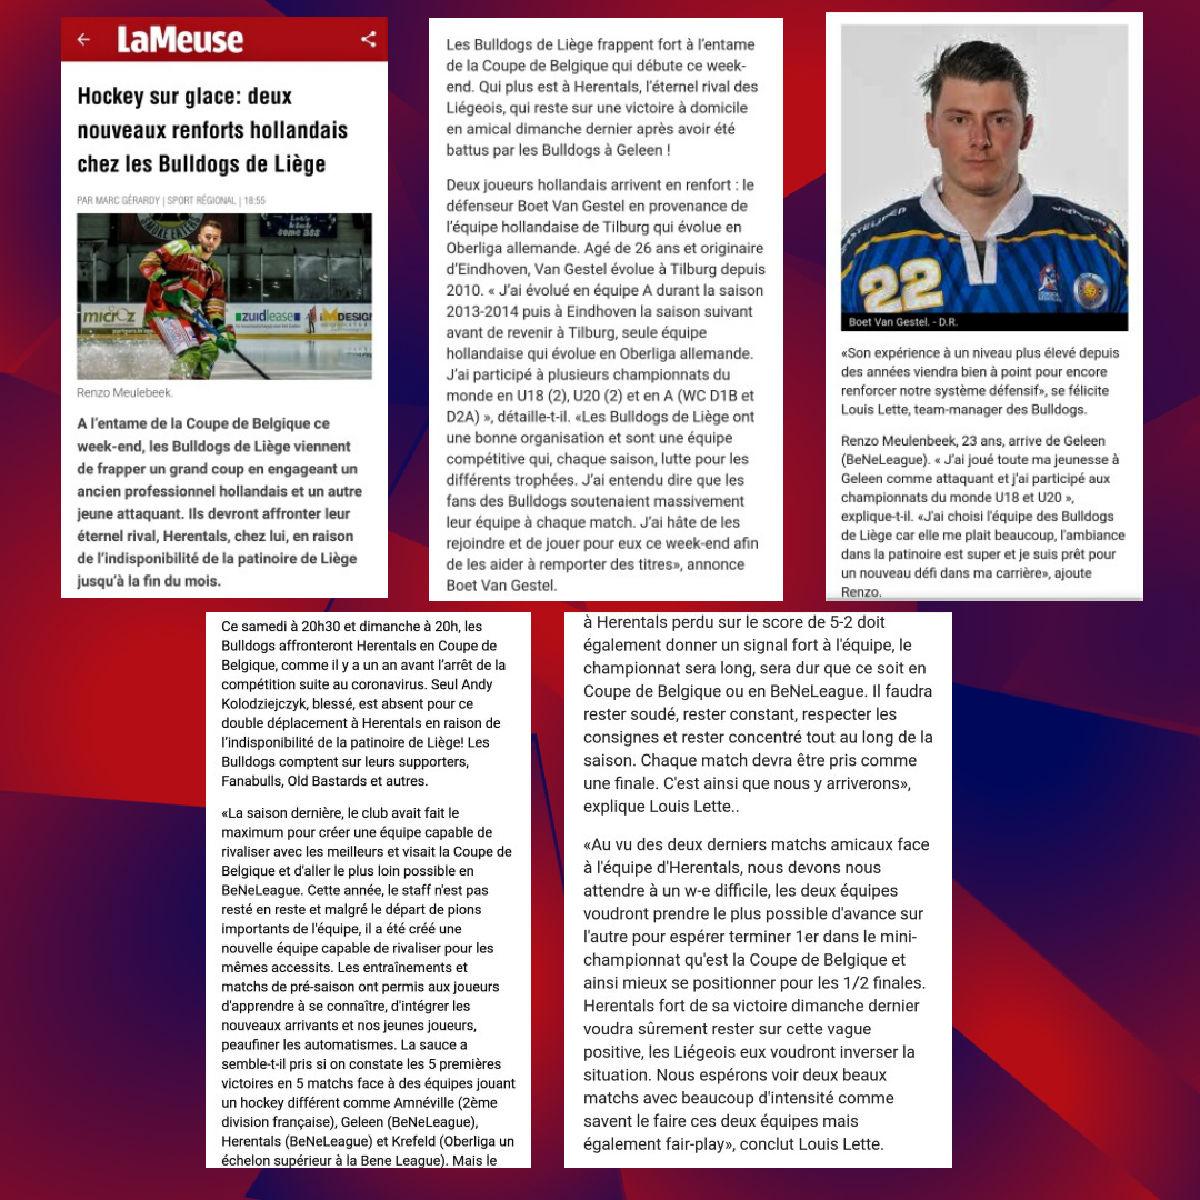 Revue de Presse - La Meuse web 08 octobre 2021